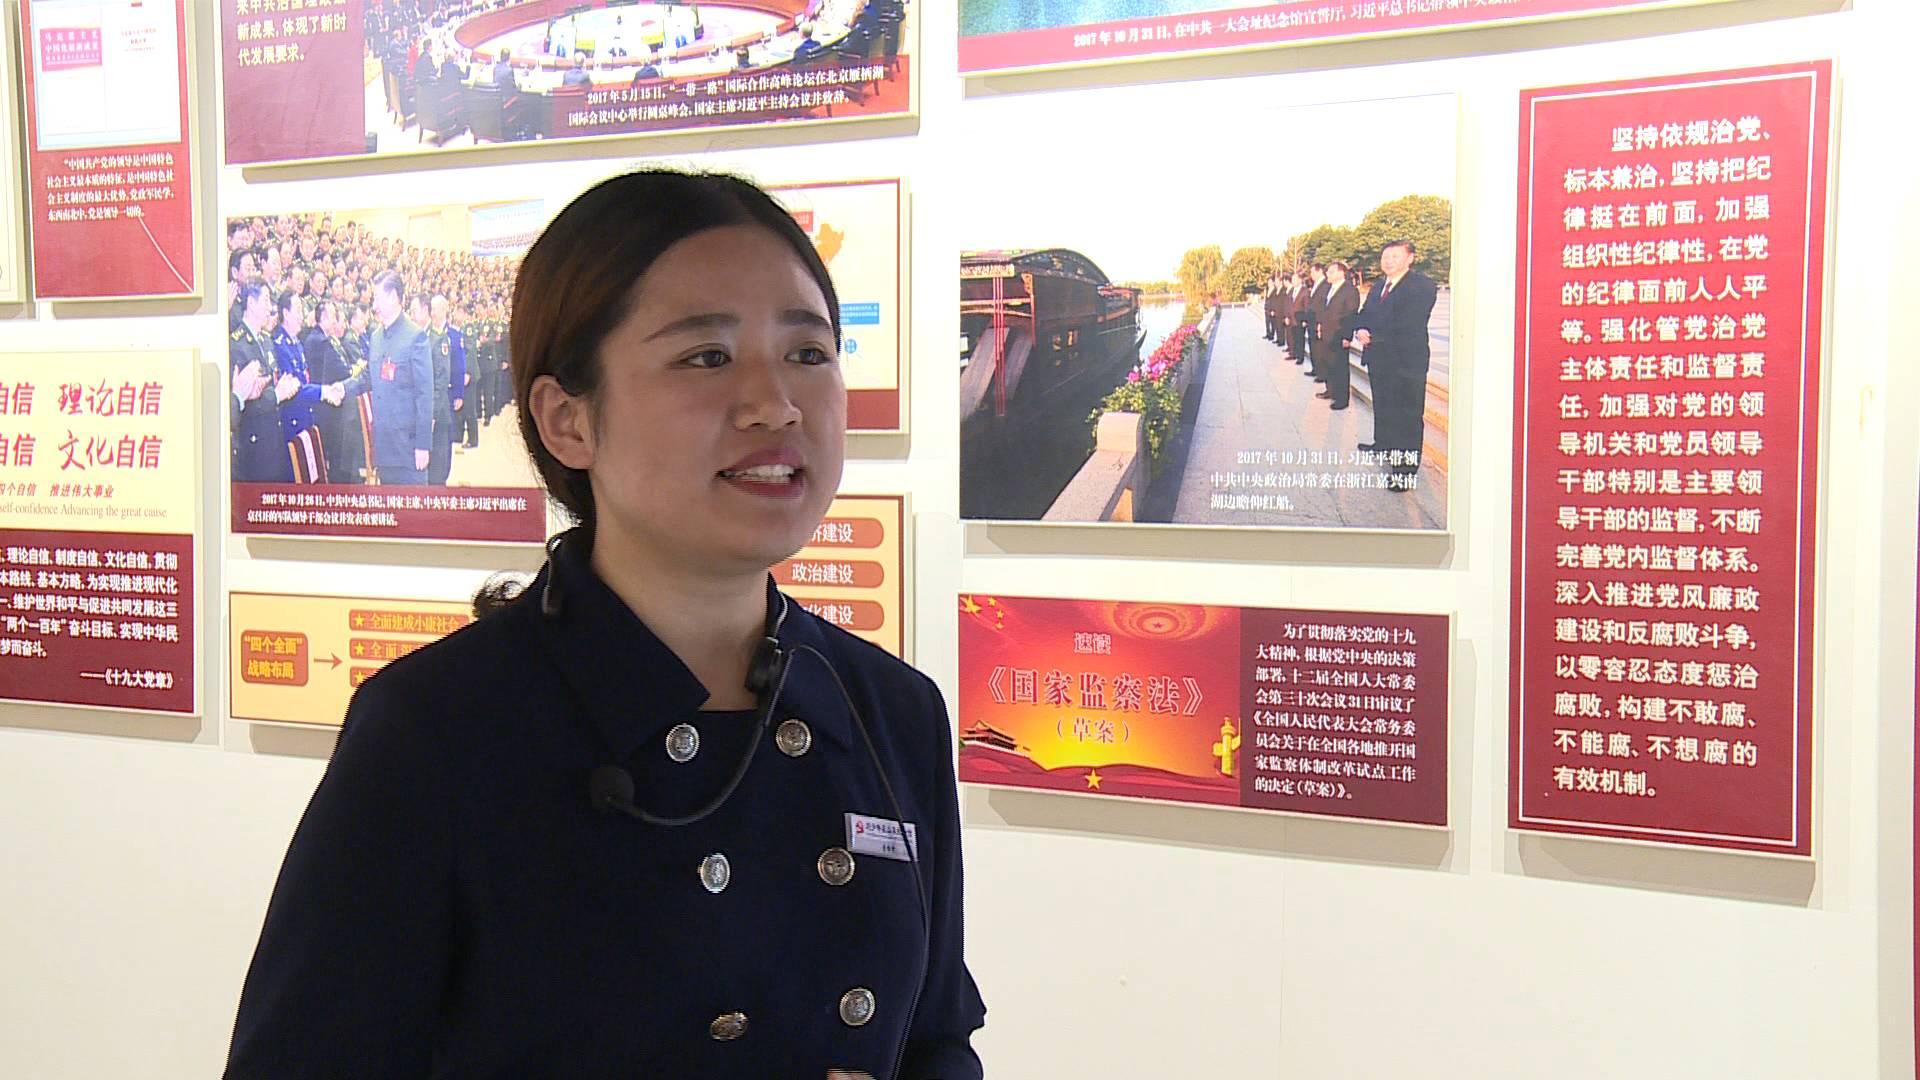 亲切的关怀 巨大的鼓舞|刘少奇在山东纪念馆讲解员李锦宇:我手中的话筒是沂蒙精神扩音器